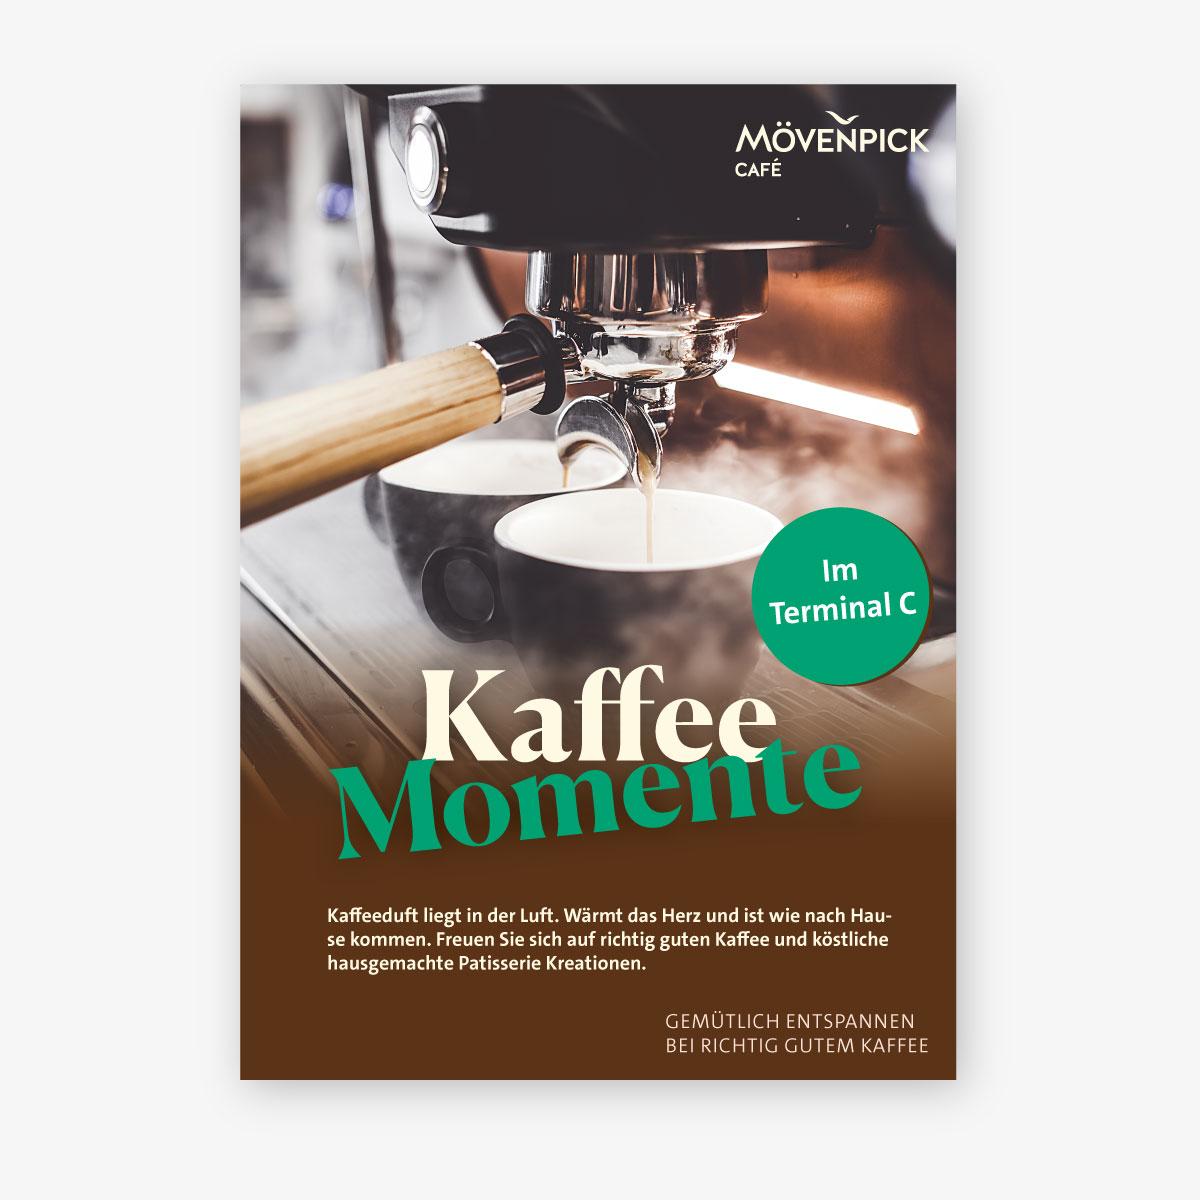 Plakat Kaffee Momente von Agentur Kappa